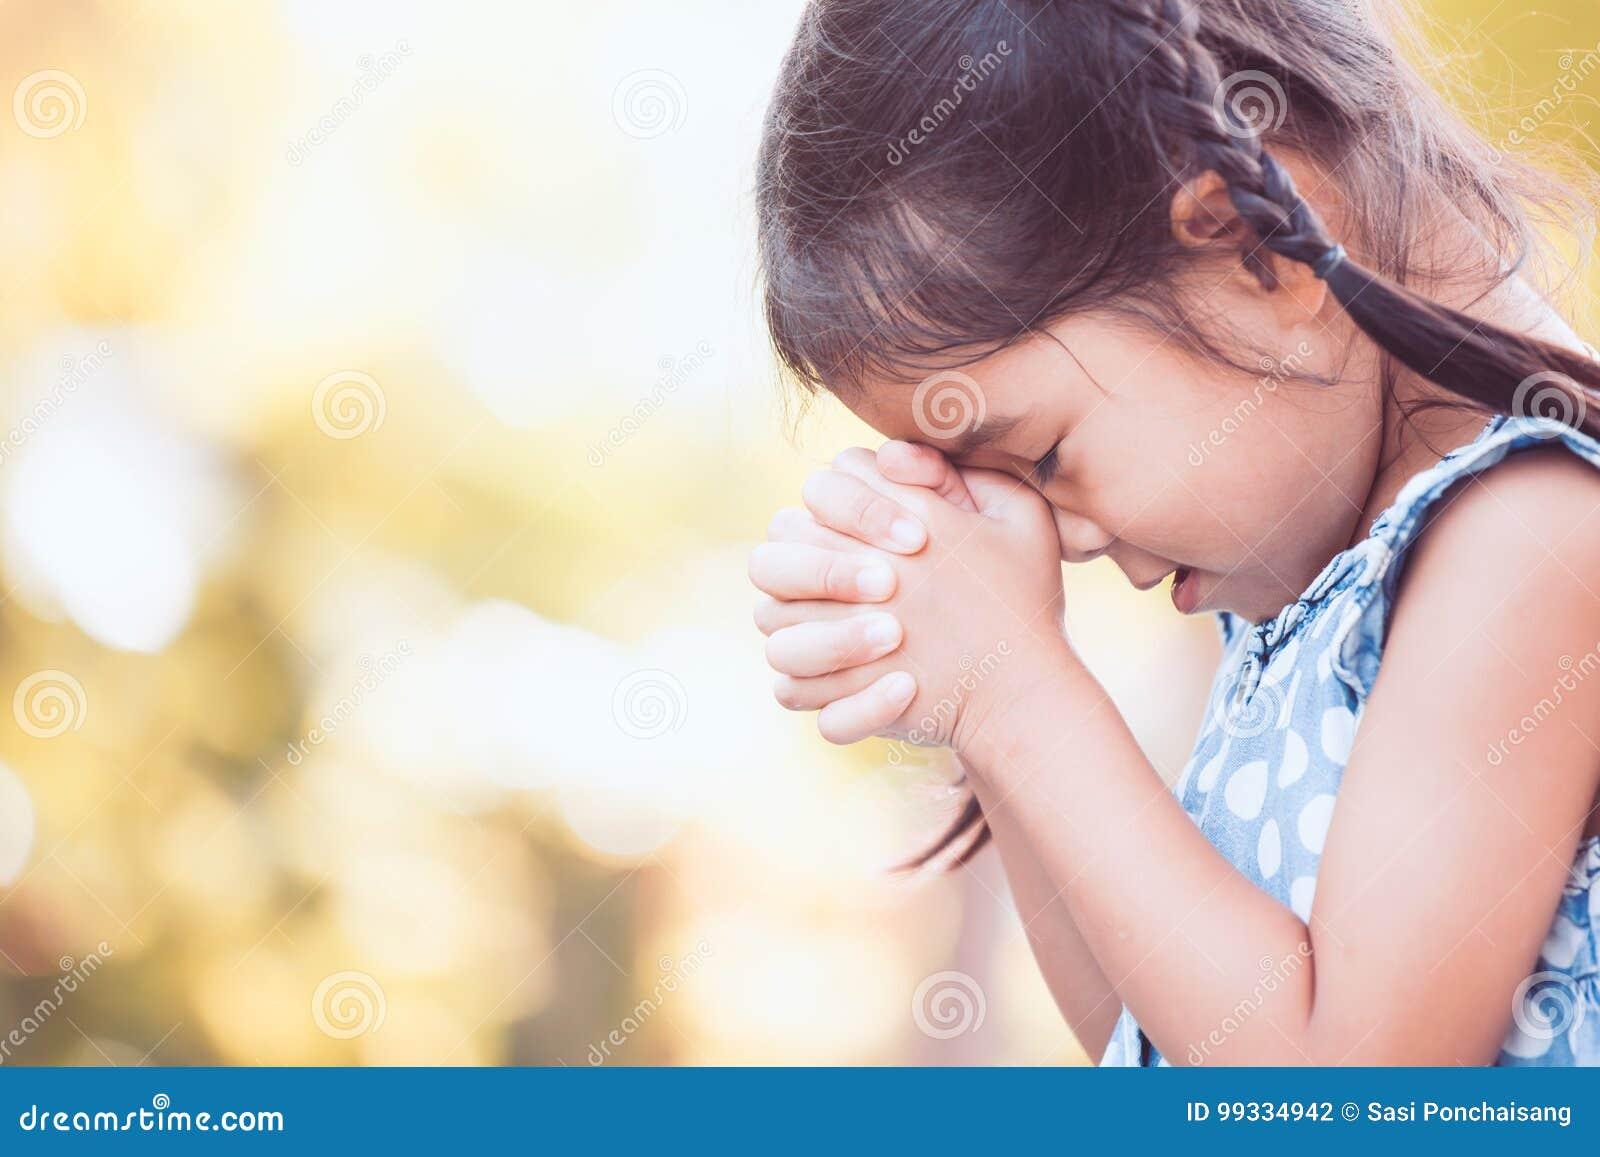 Χαριτωμένος Ασιάτης λίγο κορίτσι παιδιών που προσεύχεται με δίπλωσε το χέρι της